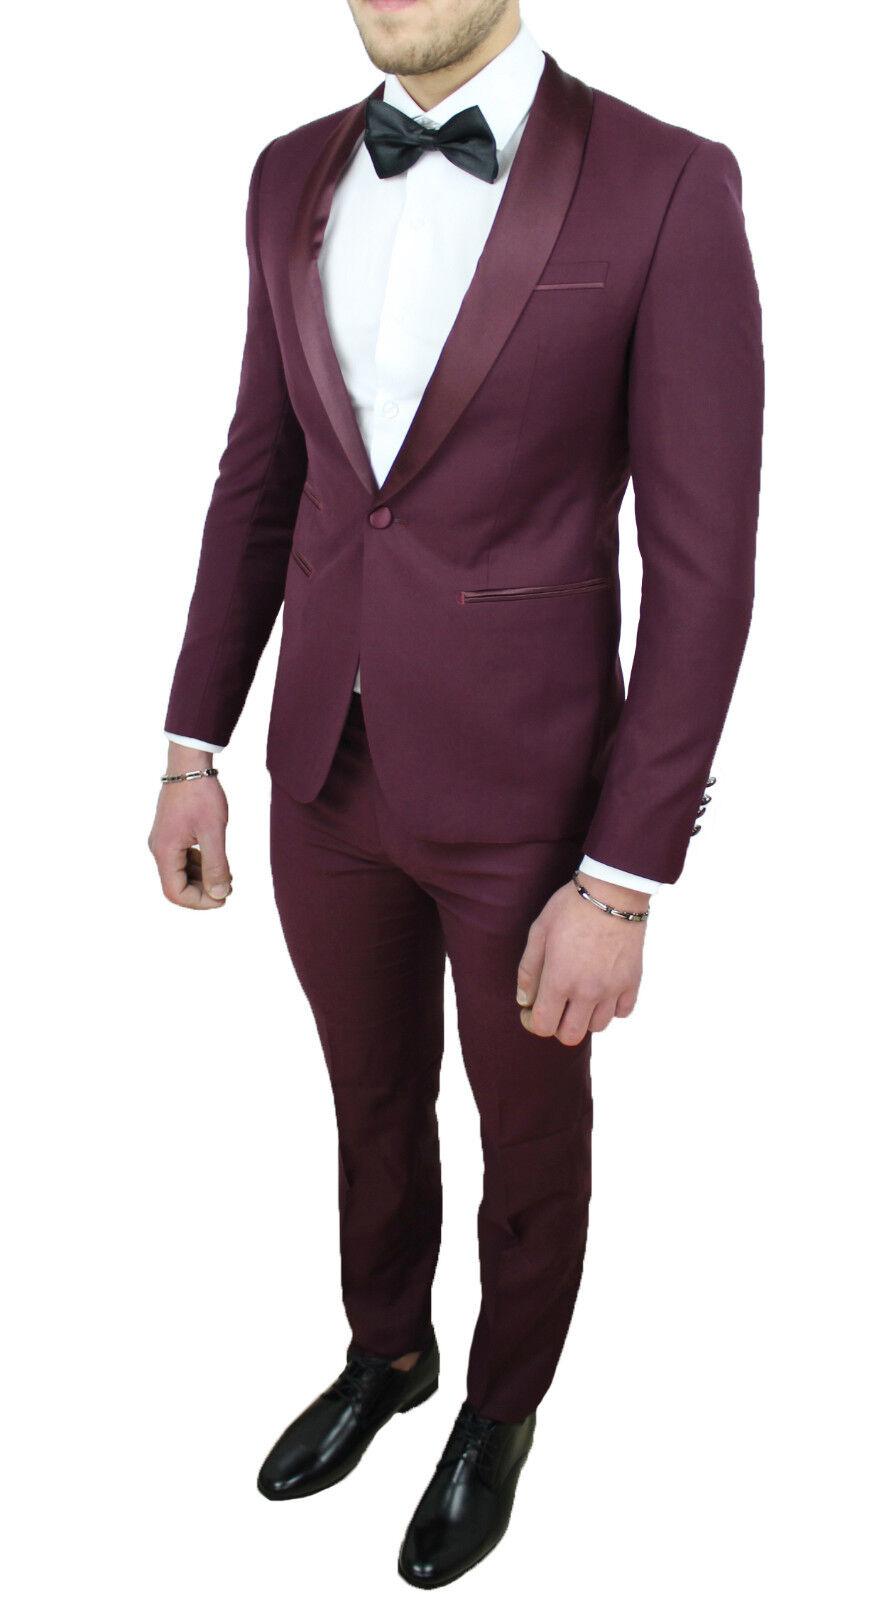 Vestito Matrimonio Uomo Bordeaux : Abito uomo diamond raso bordeaux sartoriale completo